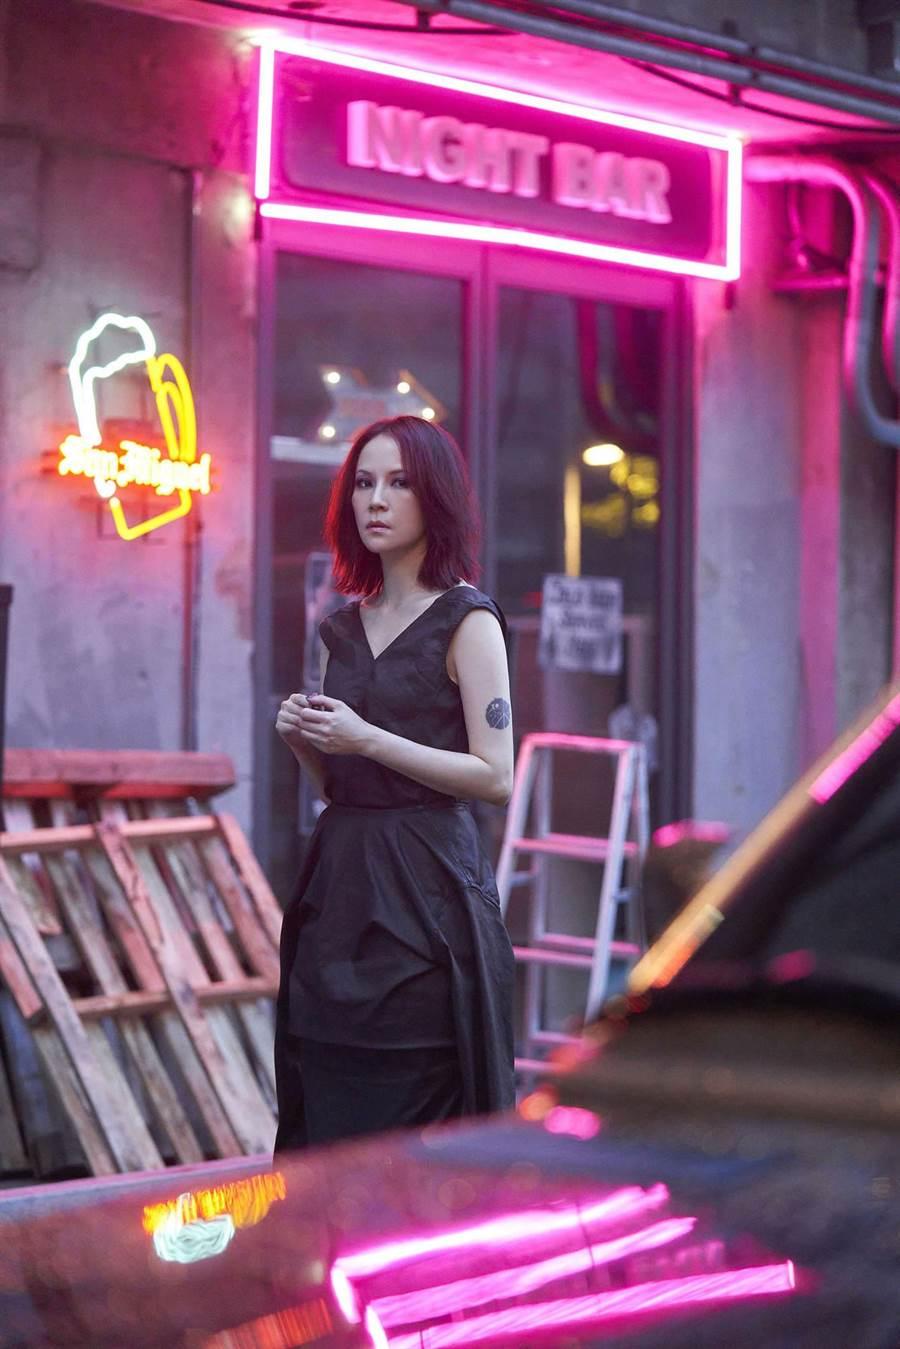 楊乃文睽違三年即將推出新專輯。(亞神音樂提供)